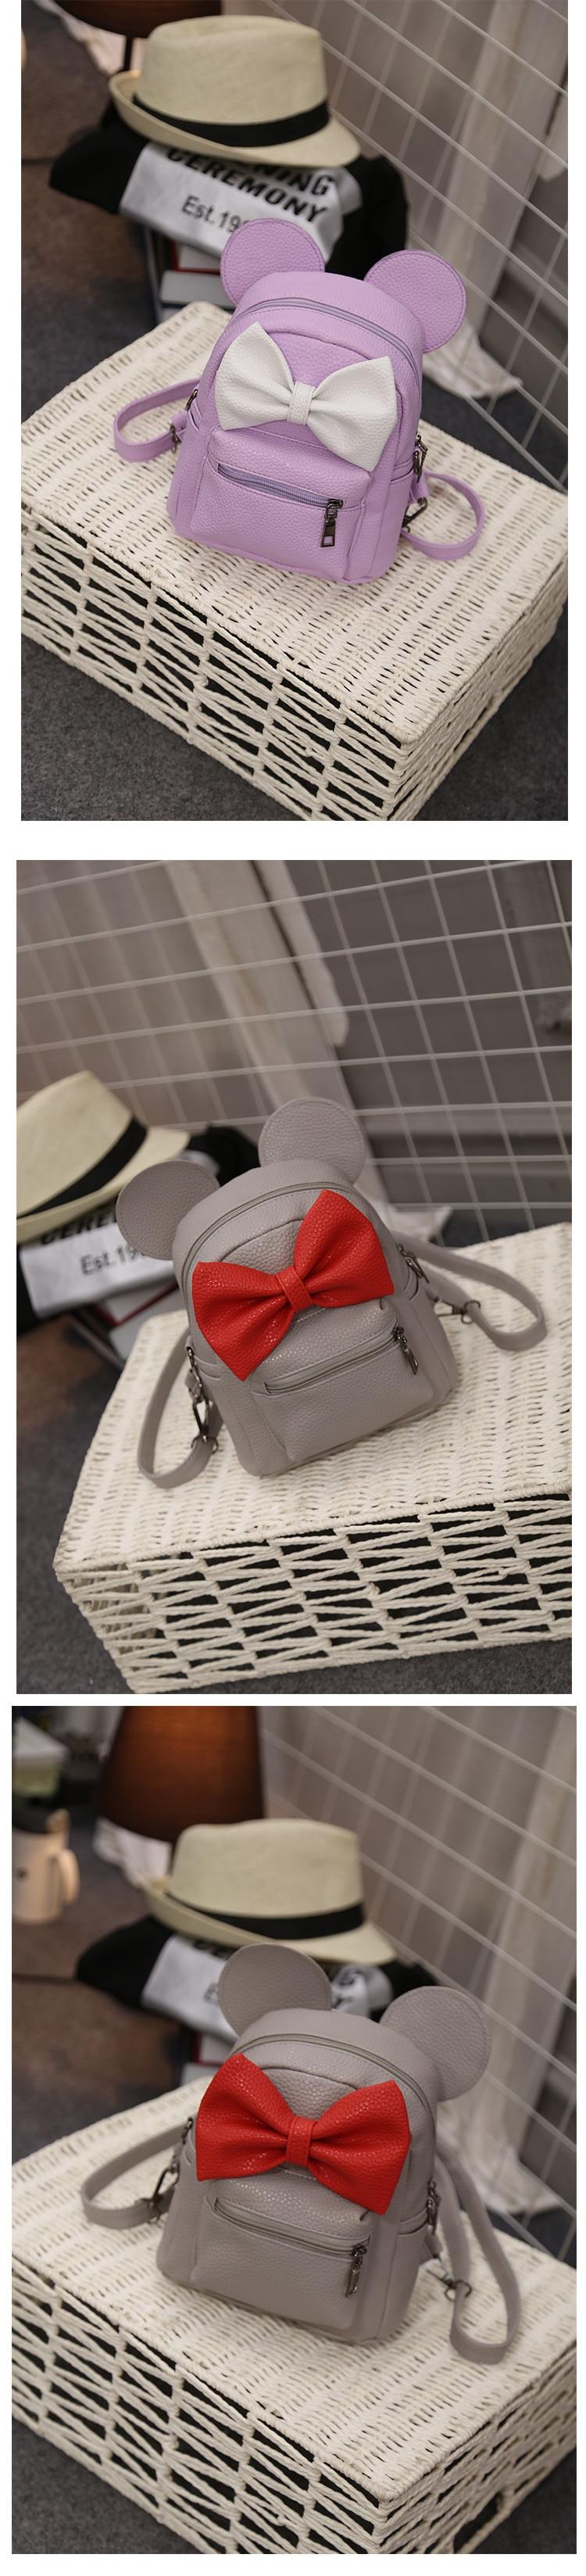 2018 New Mickey Backpack Pu Leather Female Mini Bag Women's Backpack Sweet Bow Teen Girls Backpacks School Bag Lady Shoulder bag